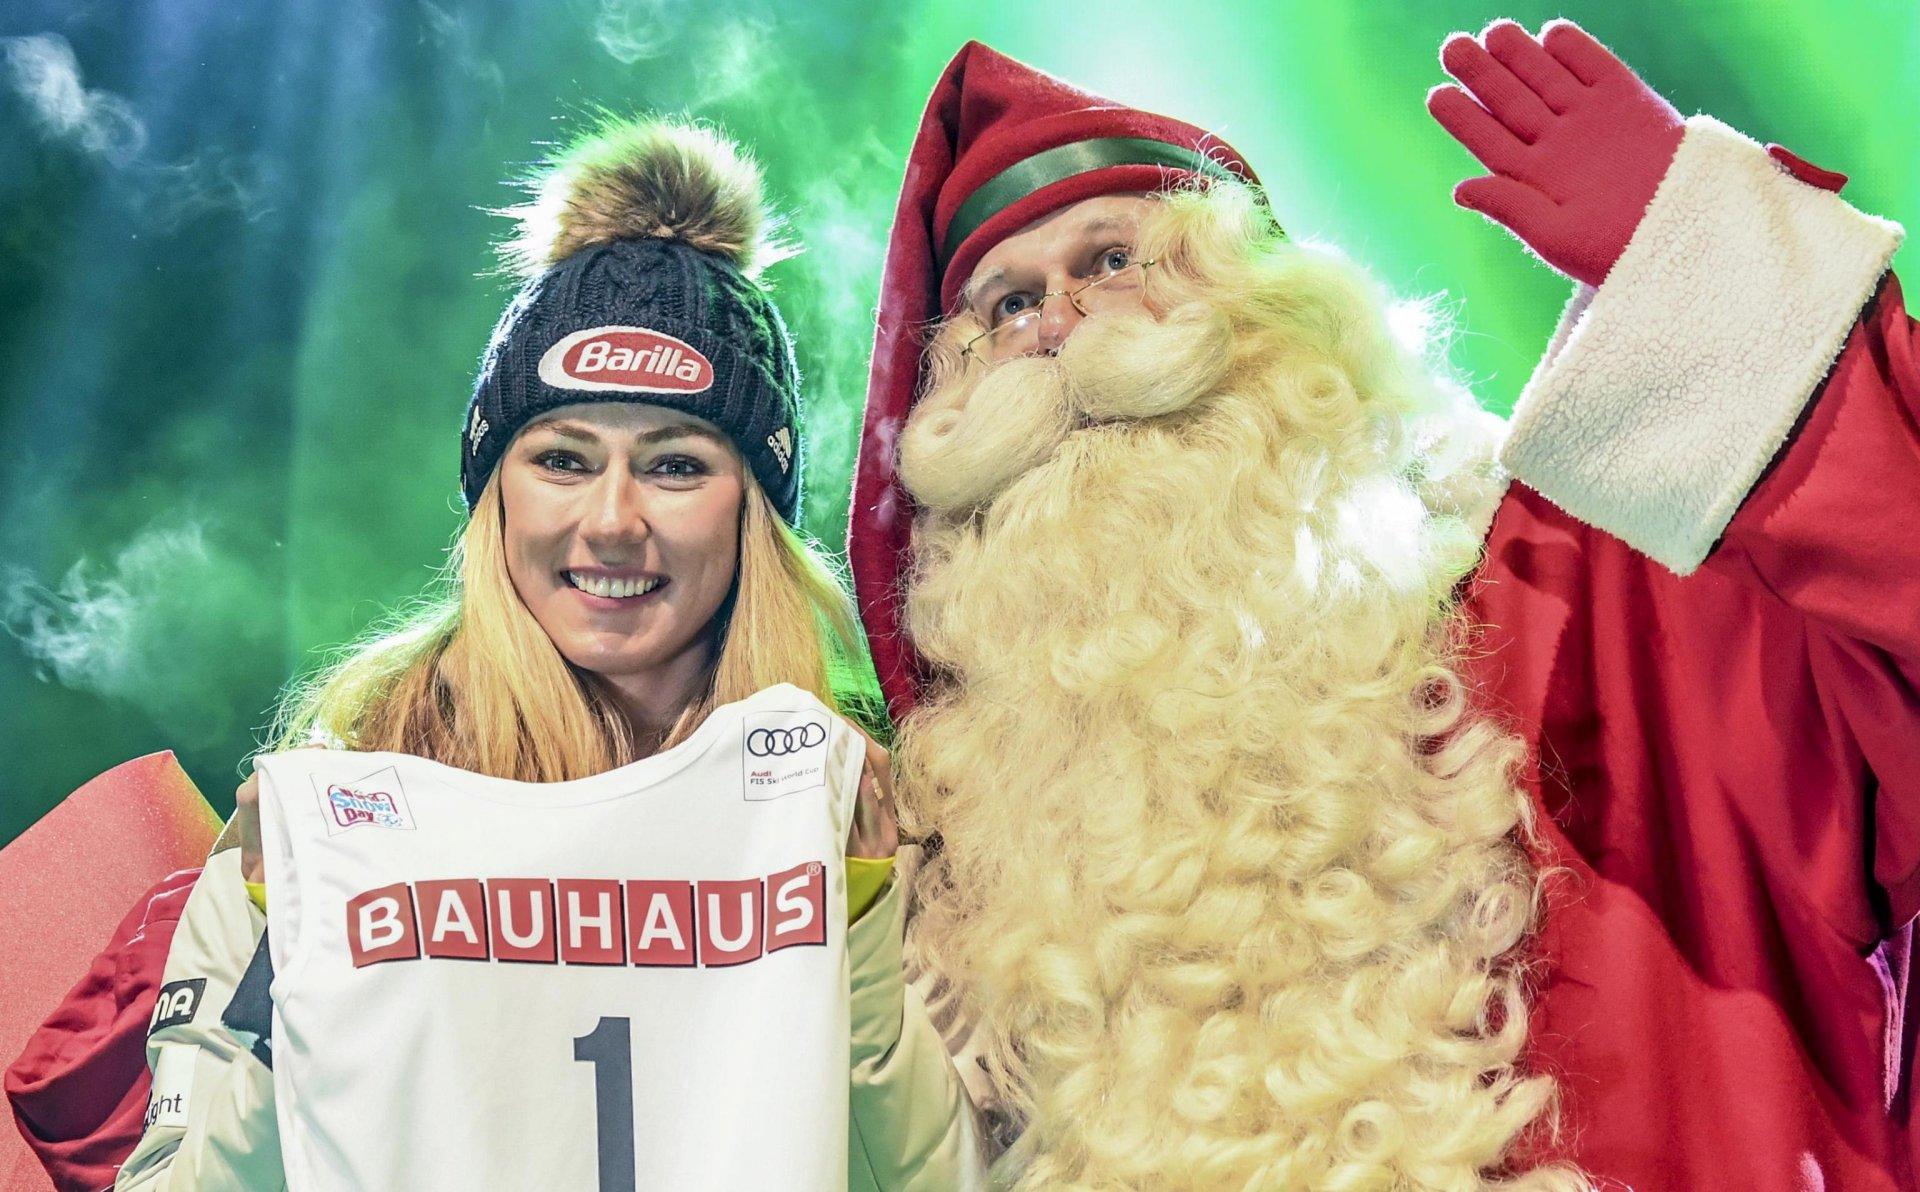 Sabato Rai Sport, Palinsesto 23 Novembre 2019 | Sci Alpino Femminile Levi